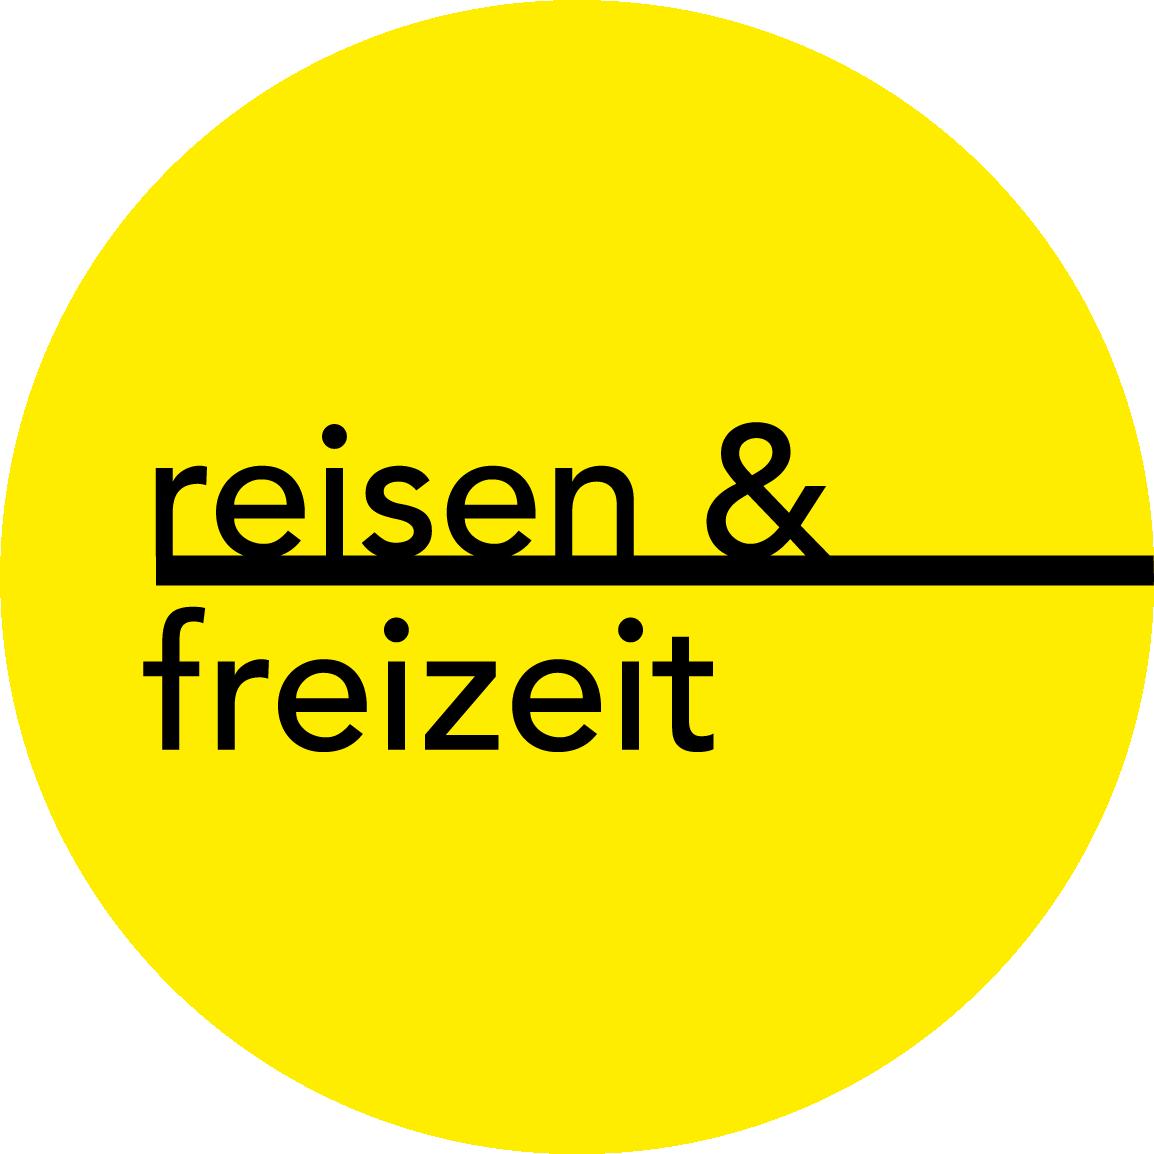 Wohnmobile Saarland auf der Reisen & Freizeit 2019